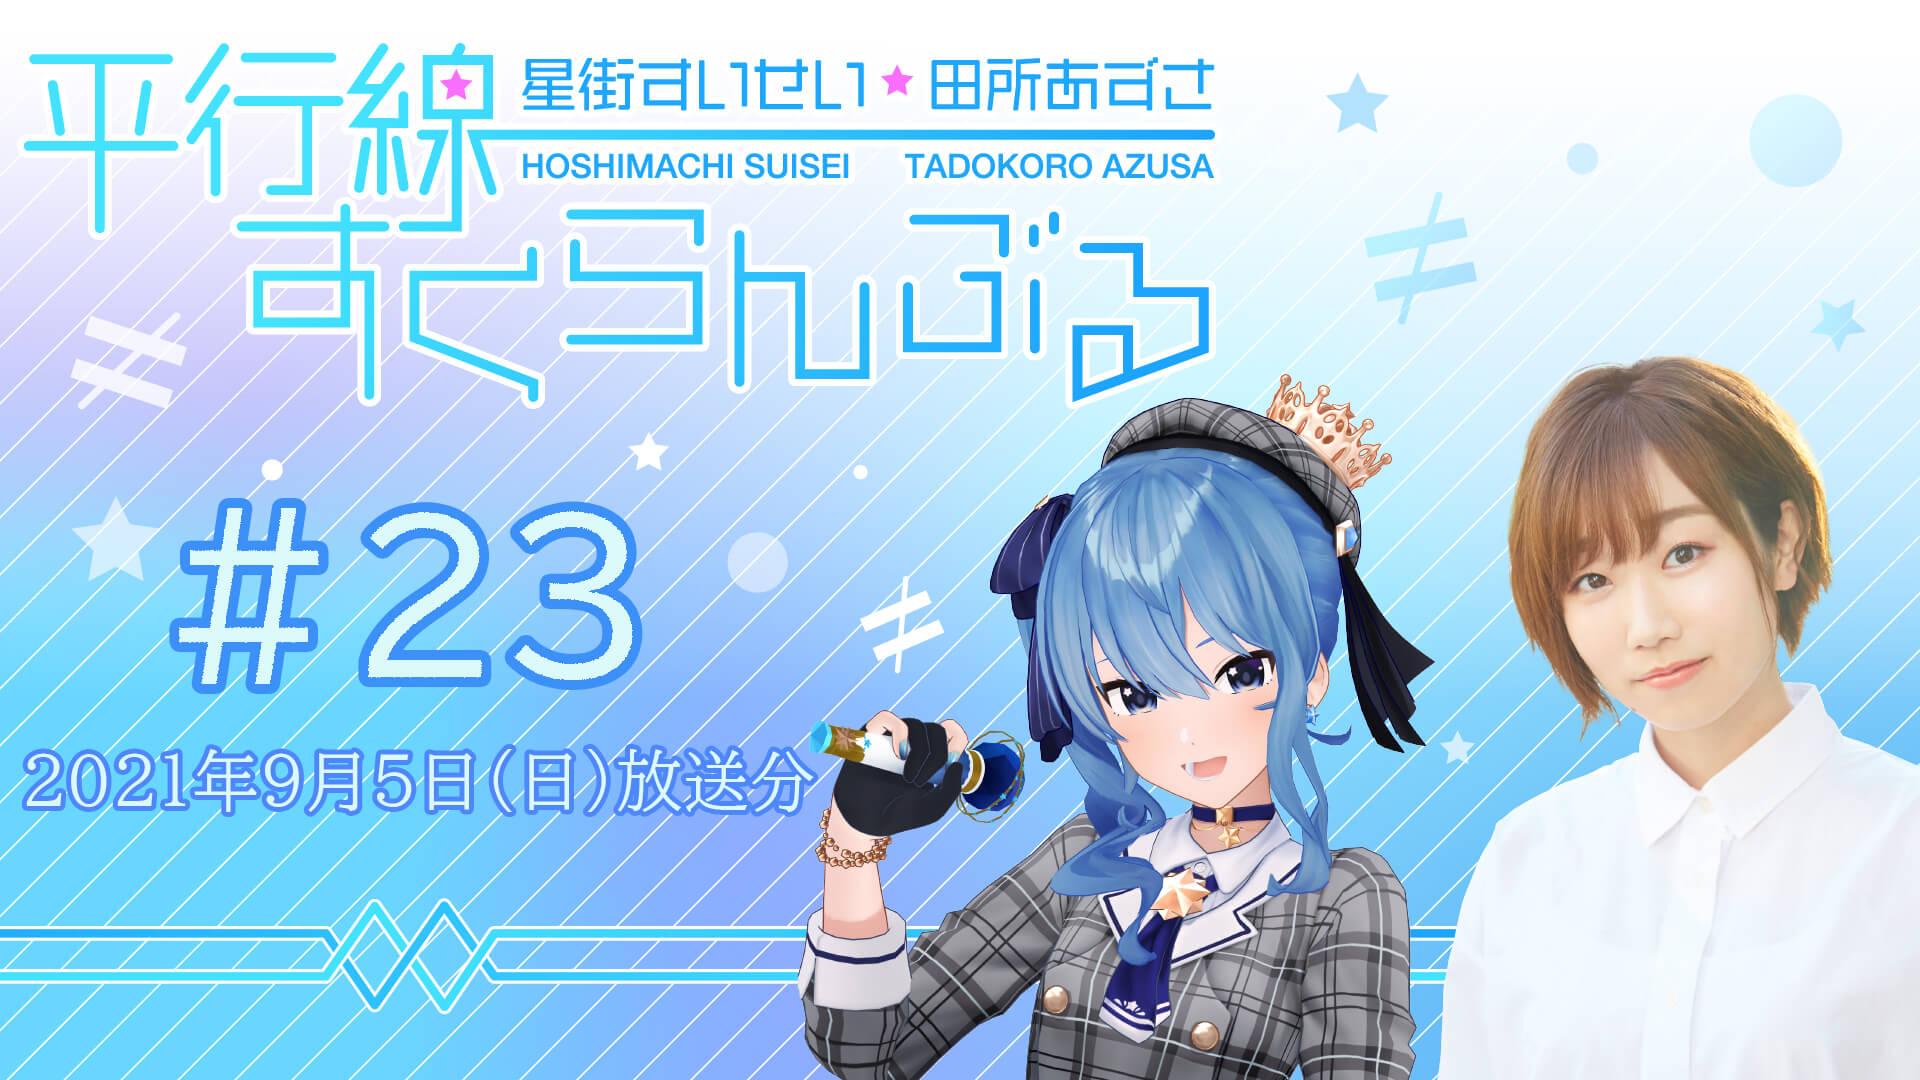 #23『星街すいせい・田所あずさ 平行線すくらんぶる』(2021年9月5日放送分)